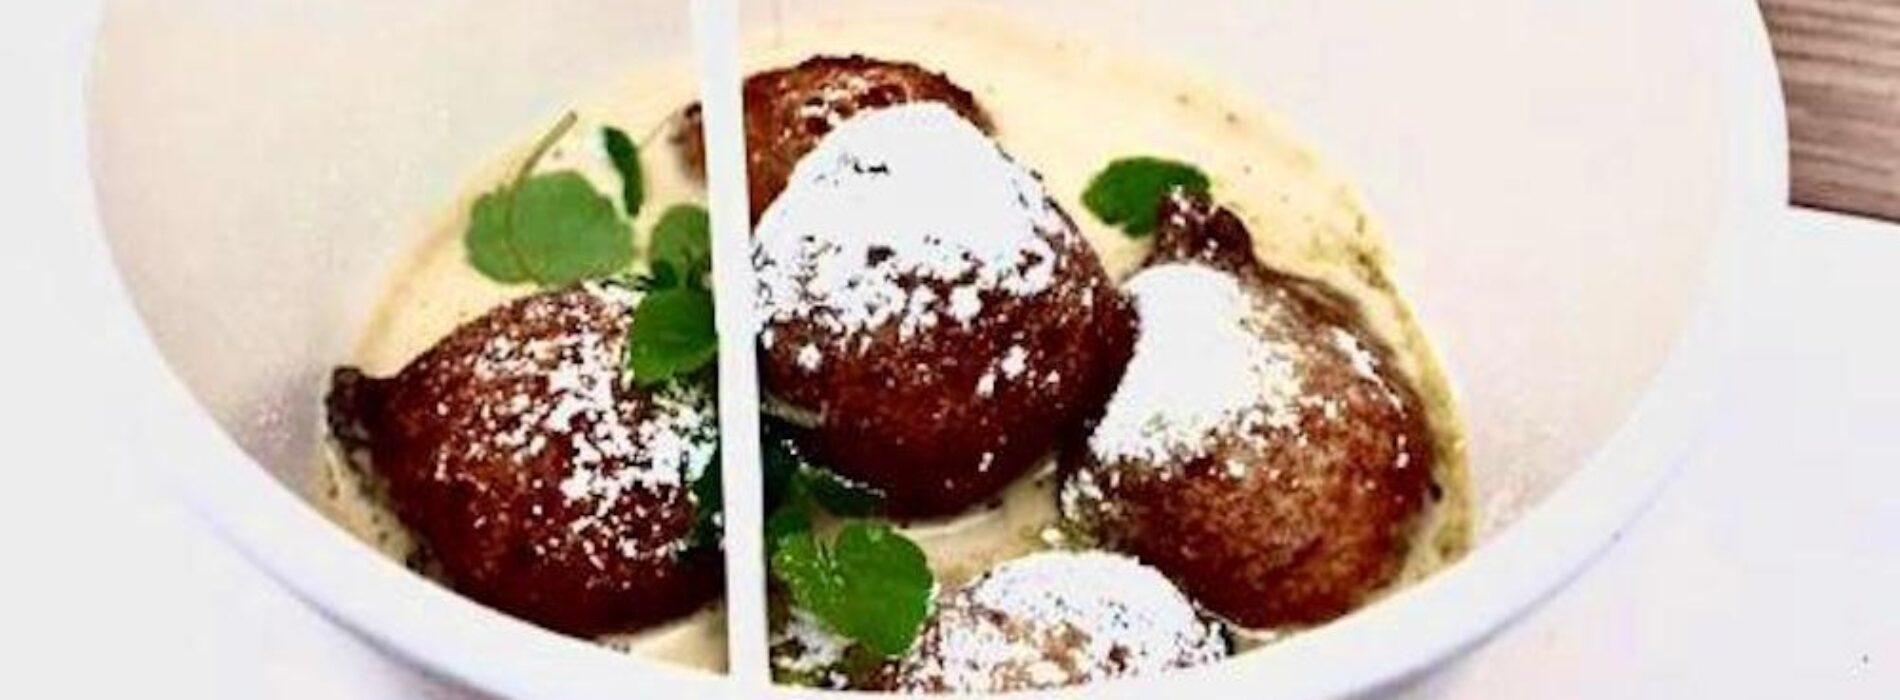 Ricette di Carnevale: il Bonbon di riso è firmato da Dario Nuti del Rome Cavalieri